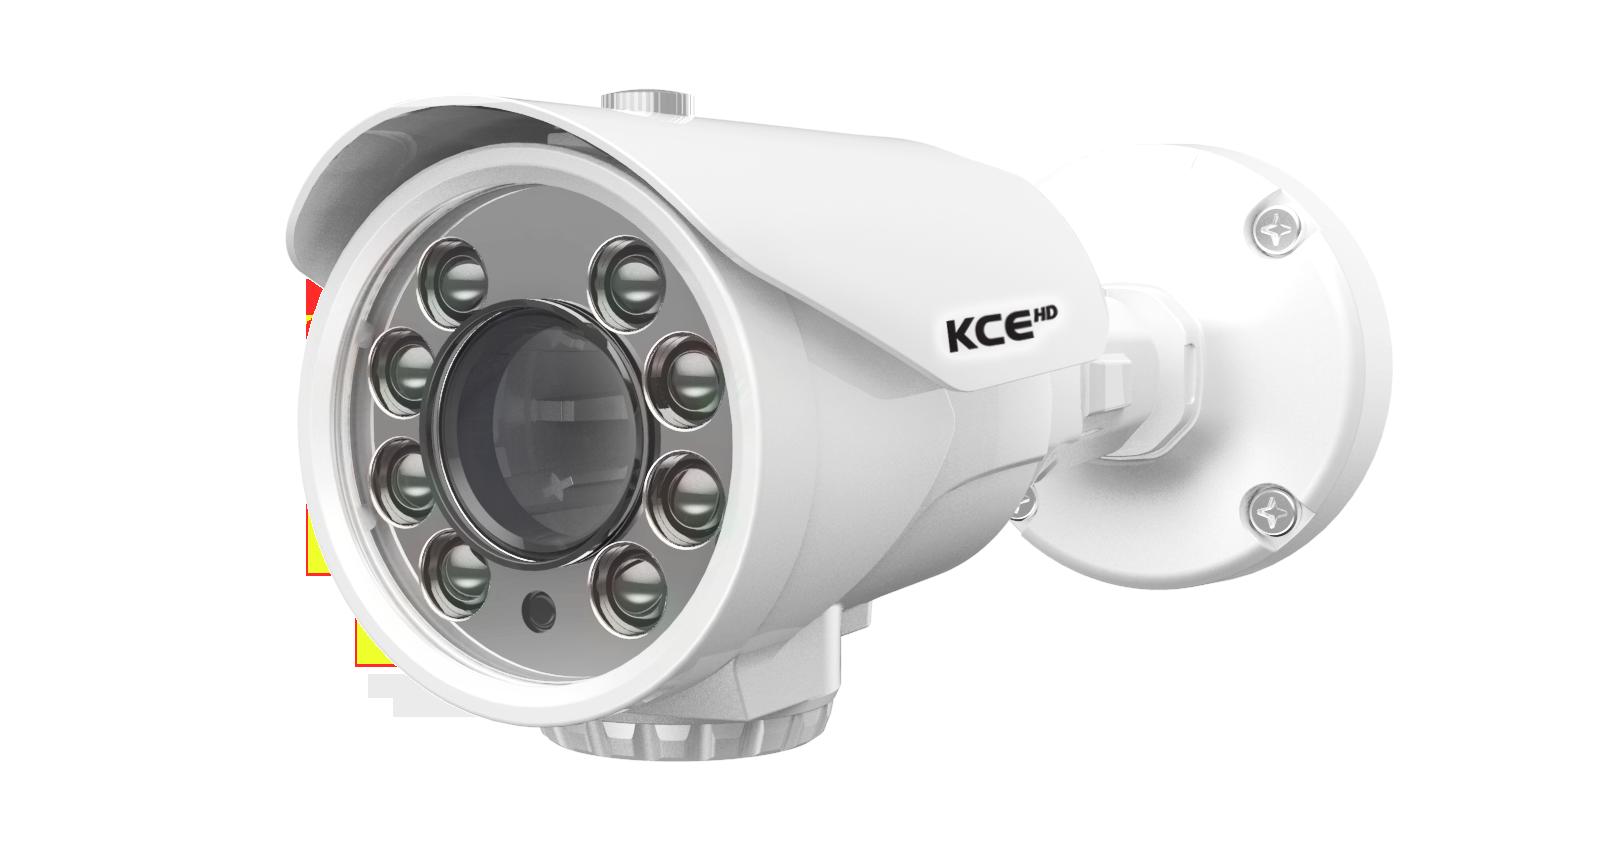 KCE-CBTN2408FD